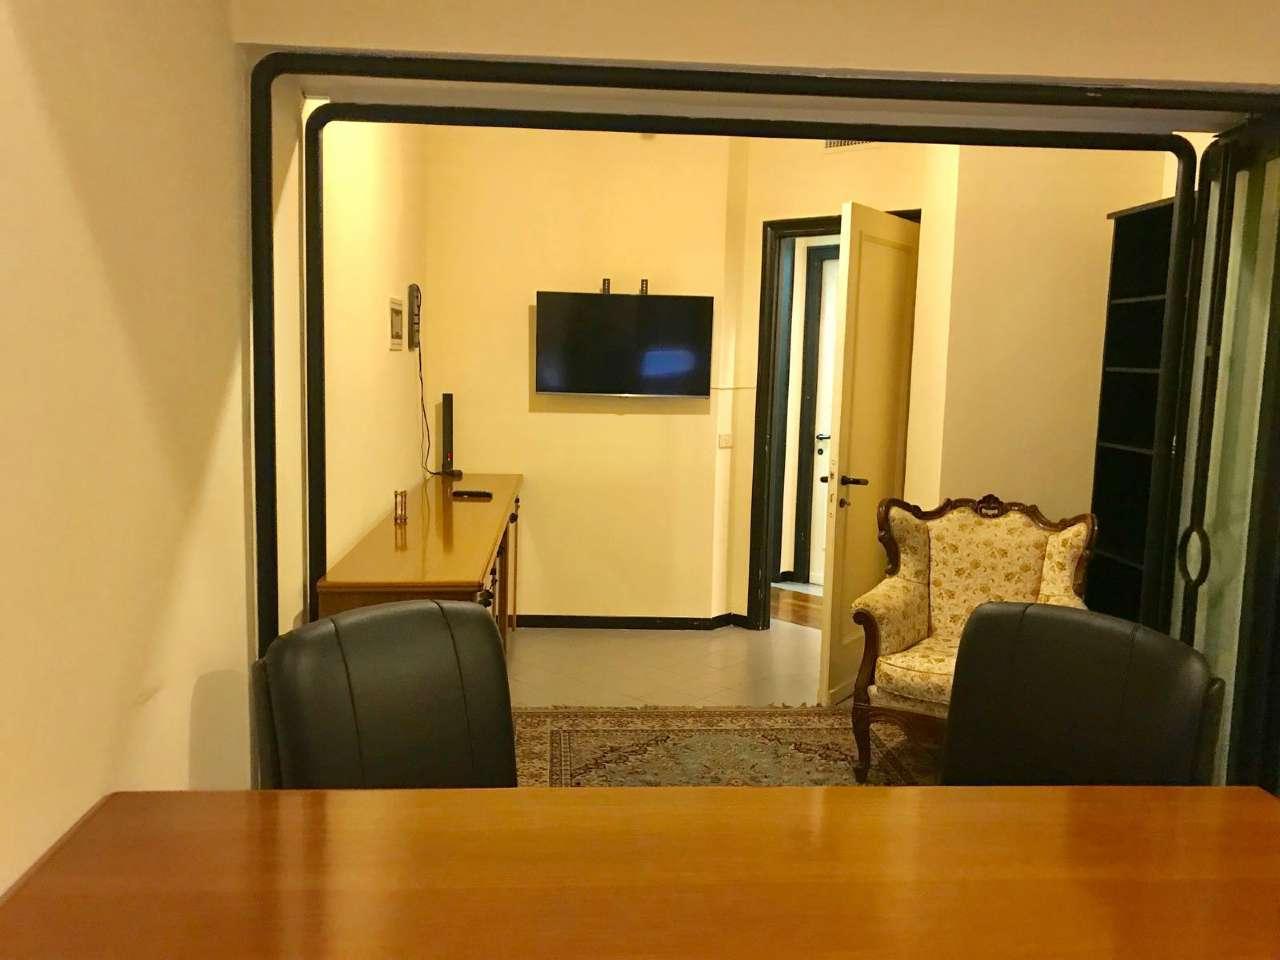 Appartamento in vendita a Roma, 4 locali, zona Zona: 24 . Gianicolense - Colli Portuensi - Monteverde, prezzo € 275.000   CambioCasa.it